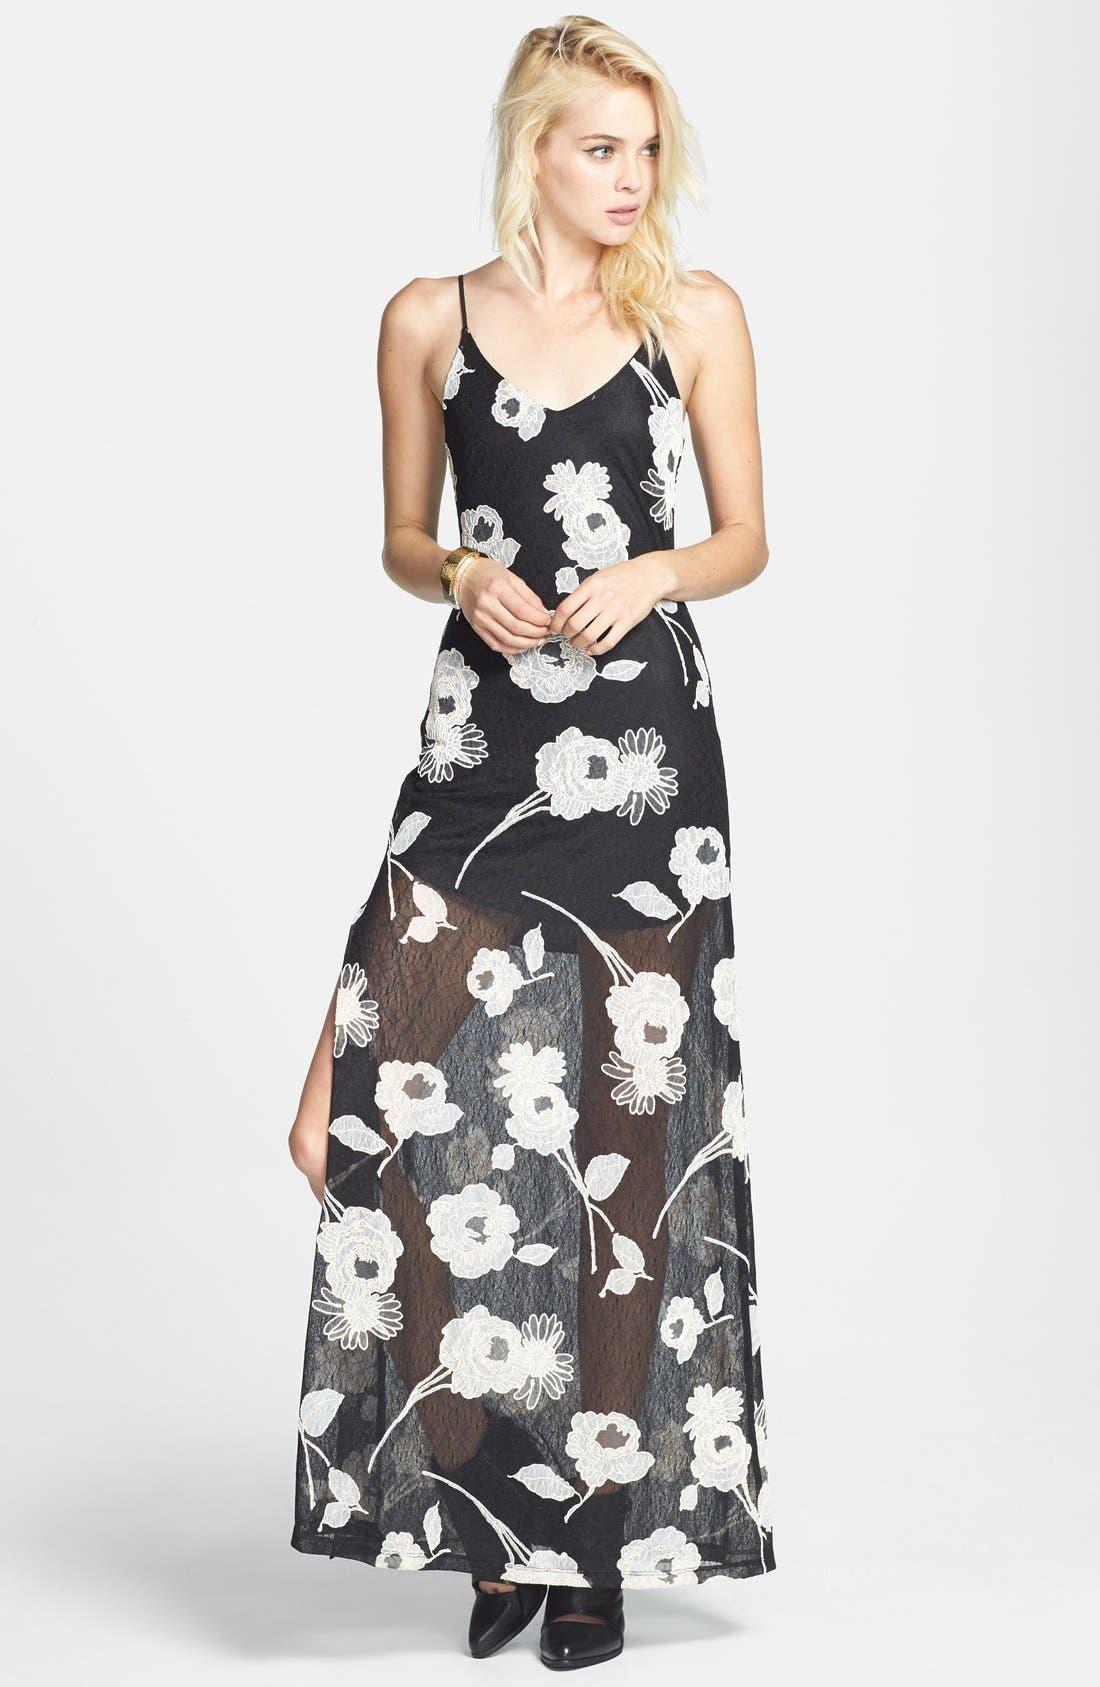 Main Image - ASTR Floral Appliqué Lace Maxi Dress (Nordstrom Exclusive)